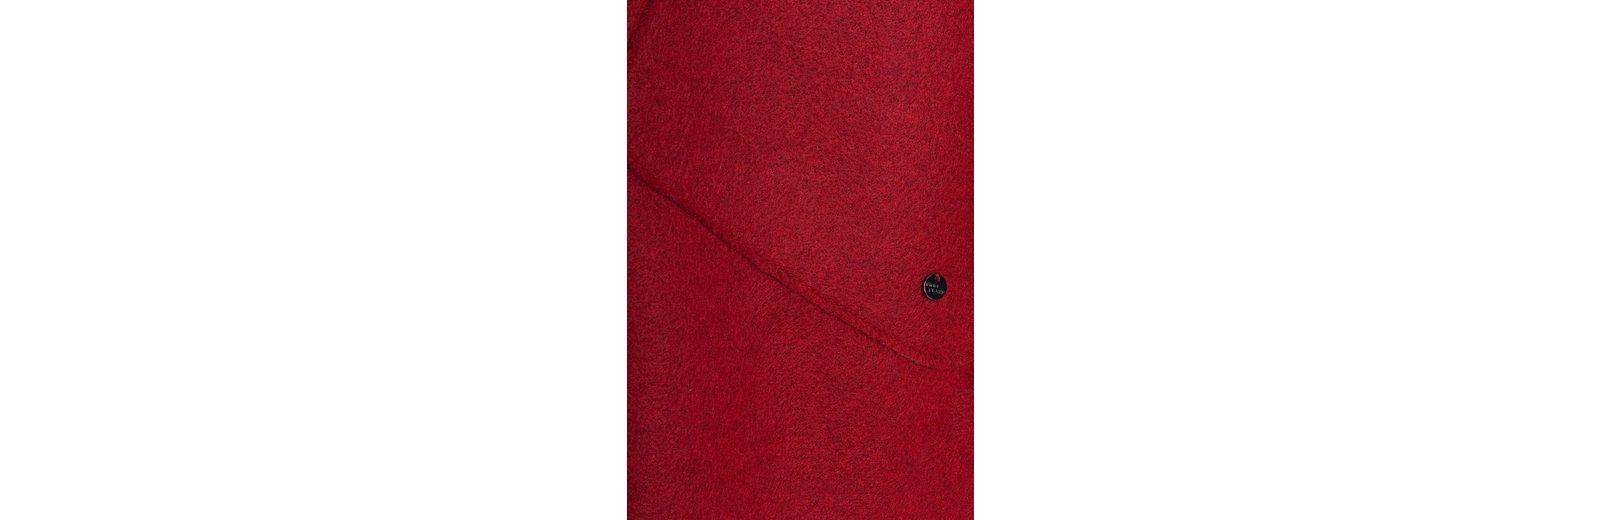 Günstig Kaufen Sneakernews Angebote Günstig Online Finn Flare Mantel mit femininer Silhouette Online-Verkauf Günstig Kaufen Spielraum Amazon udkOjv